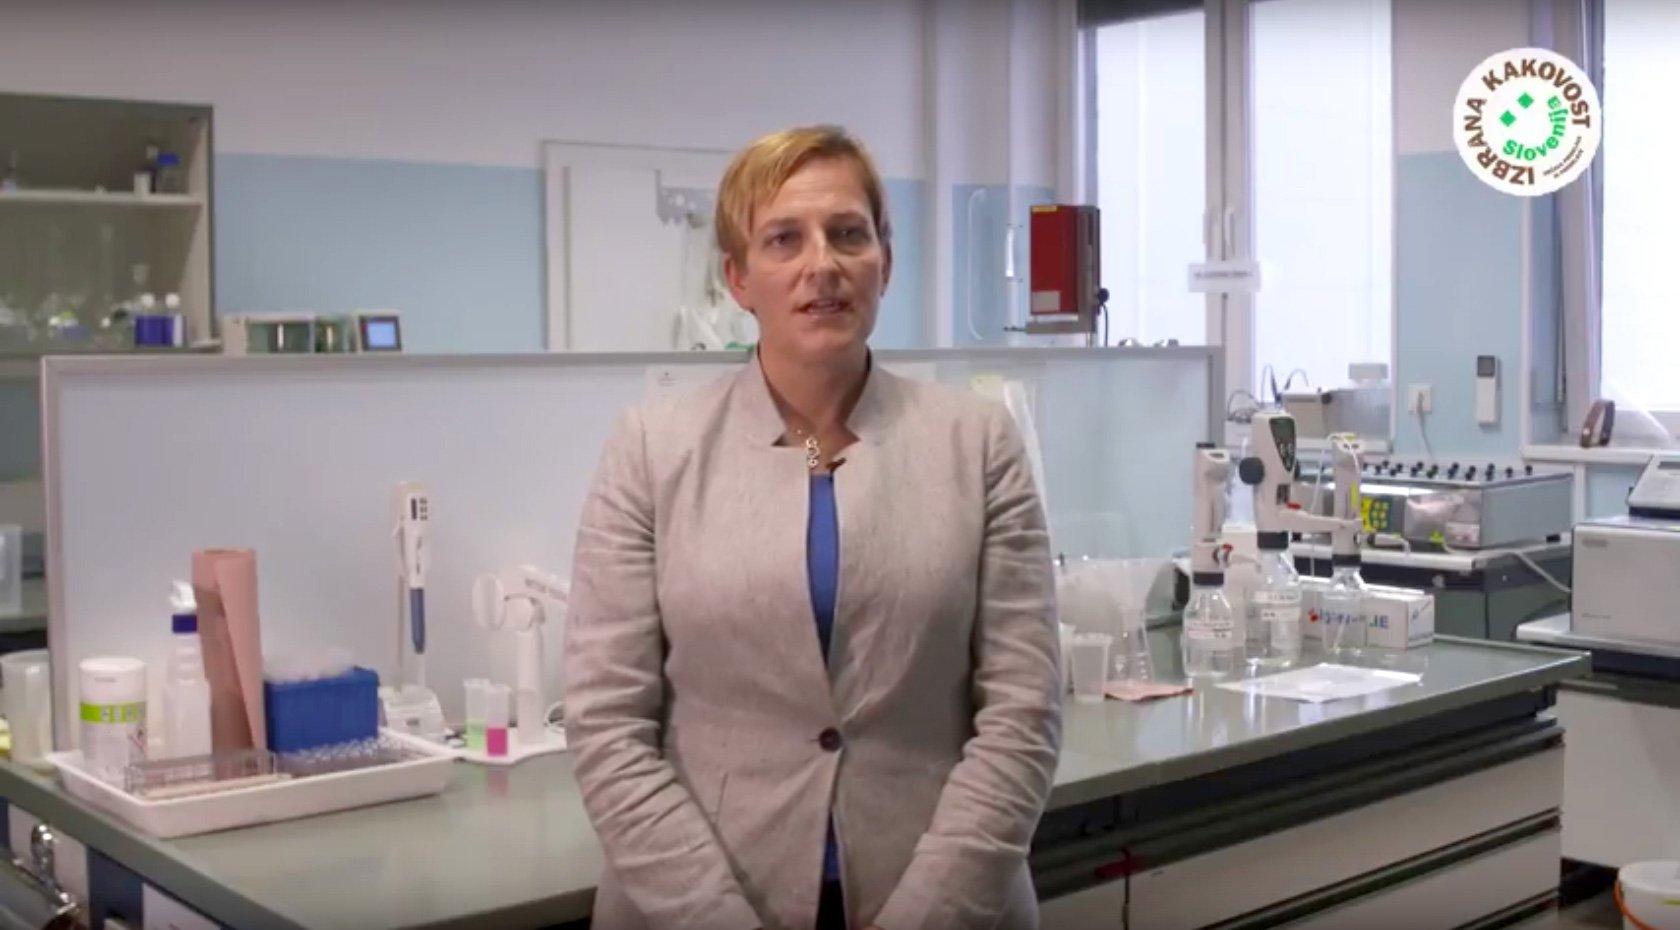 [VIDEO] – Specialistka o predelavi mleka